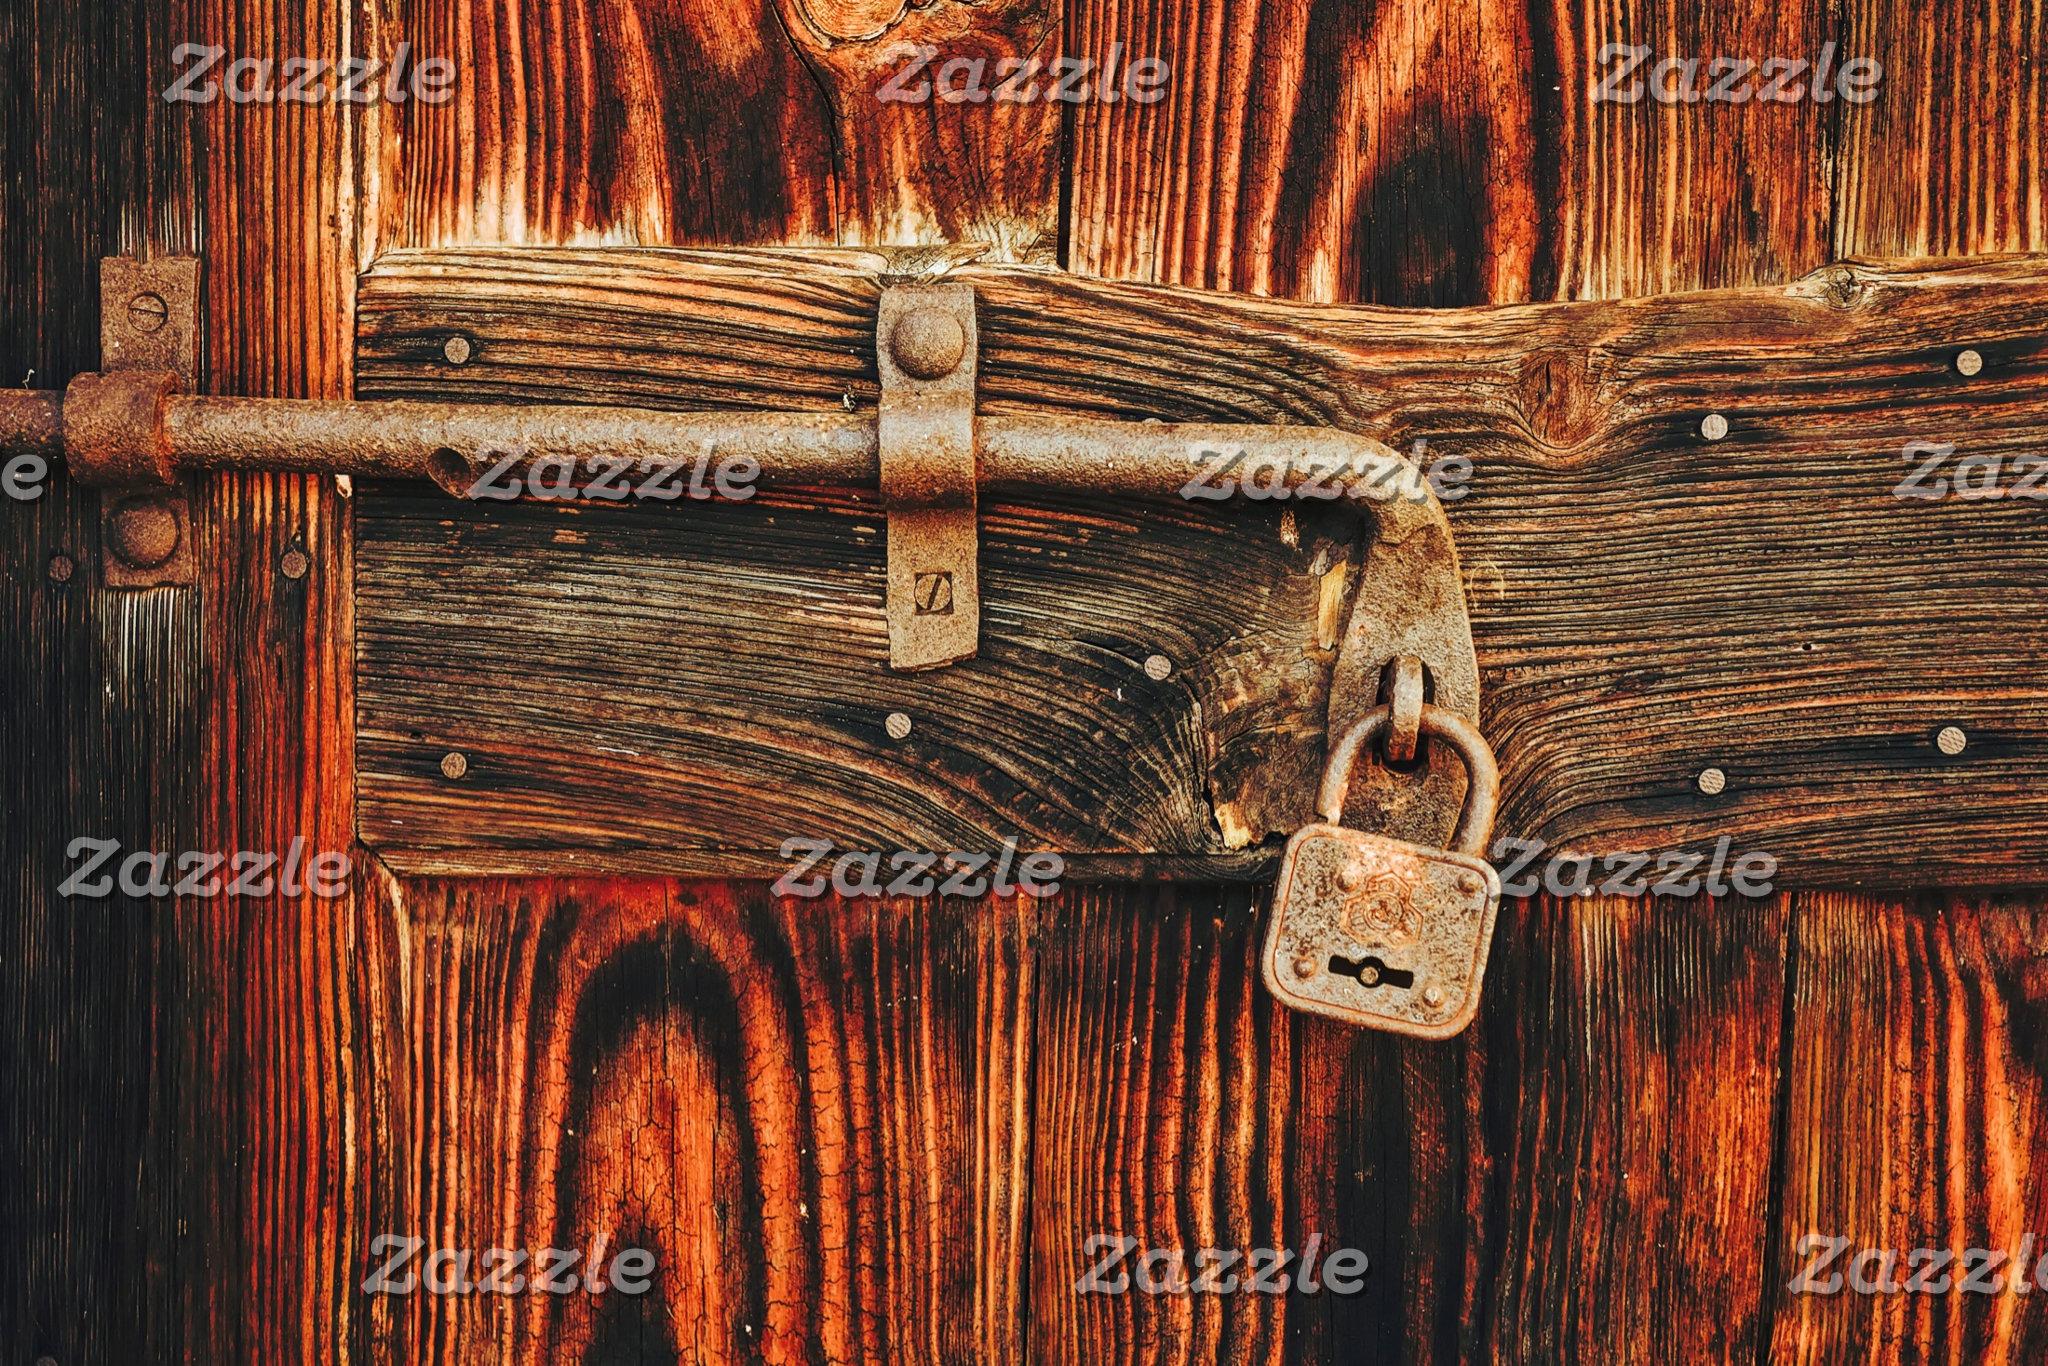 Doors, locks, wood, hardware